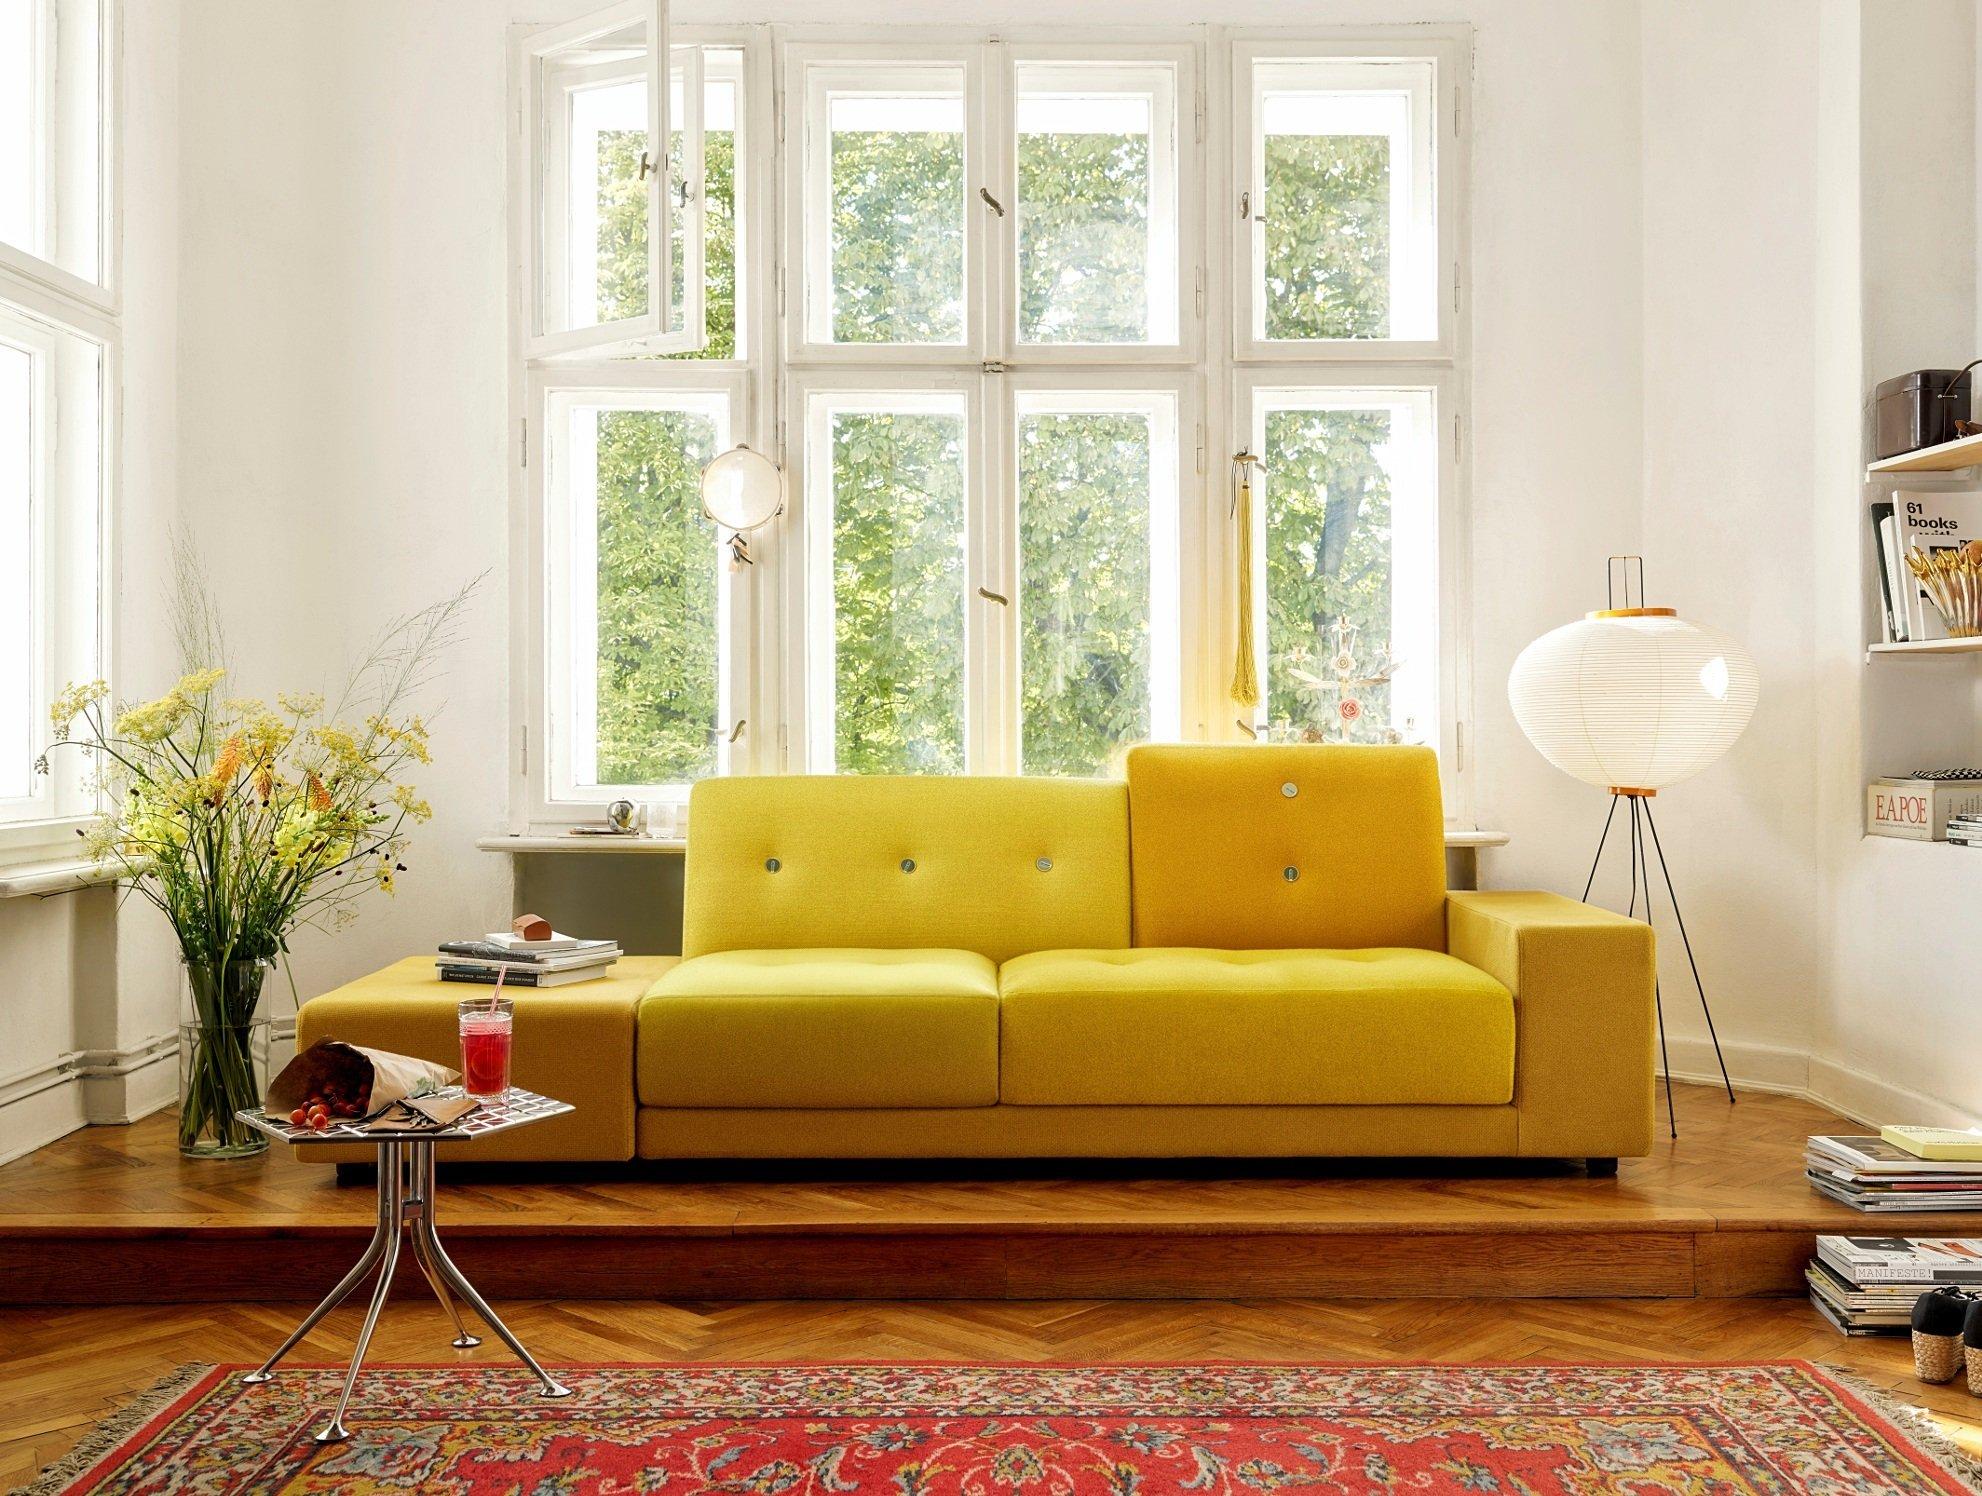 Lichtplanung Zuhause Wohnzimmer